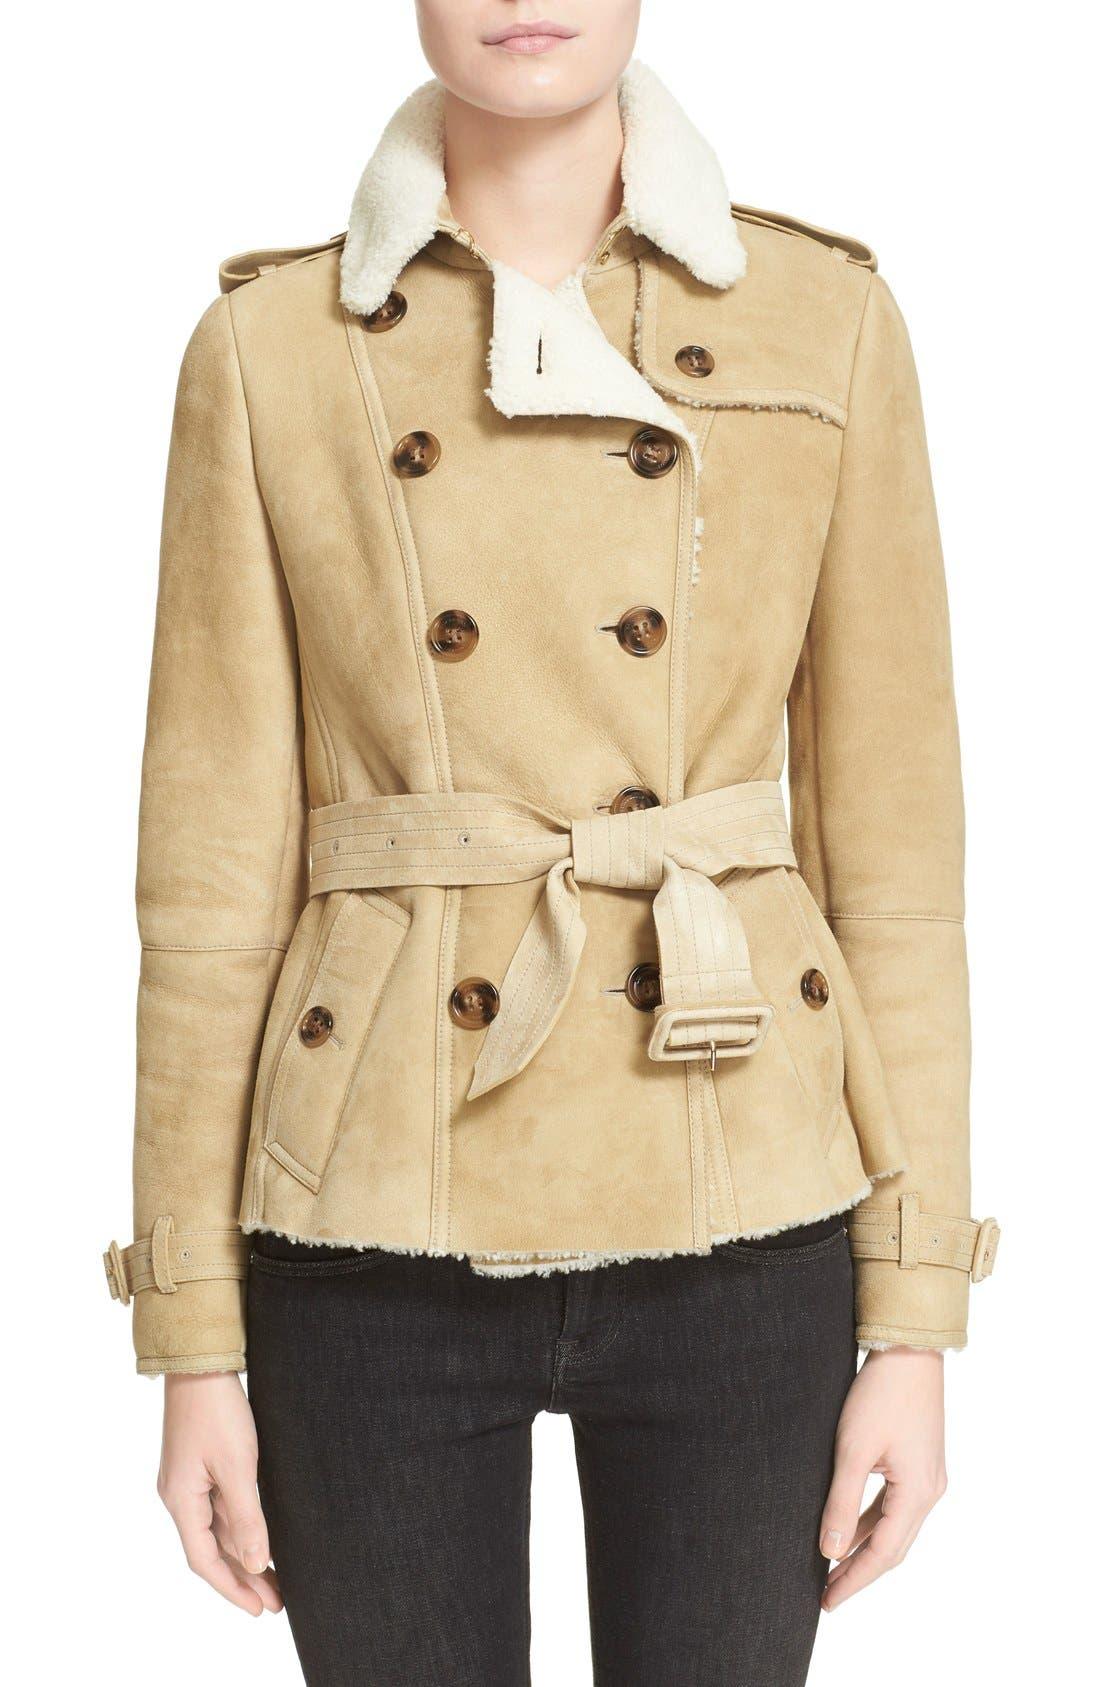 Alternate Image 1 Selected - Burberry London 'Sandringham' Short Genuine Shearling Trench Coat